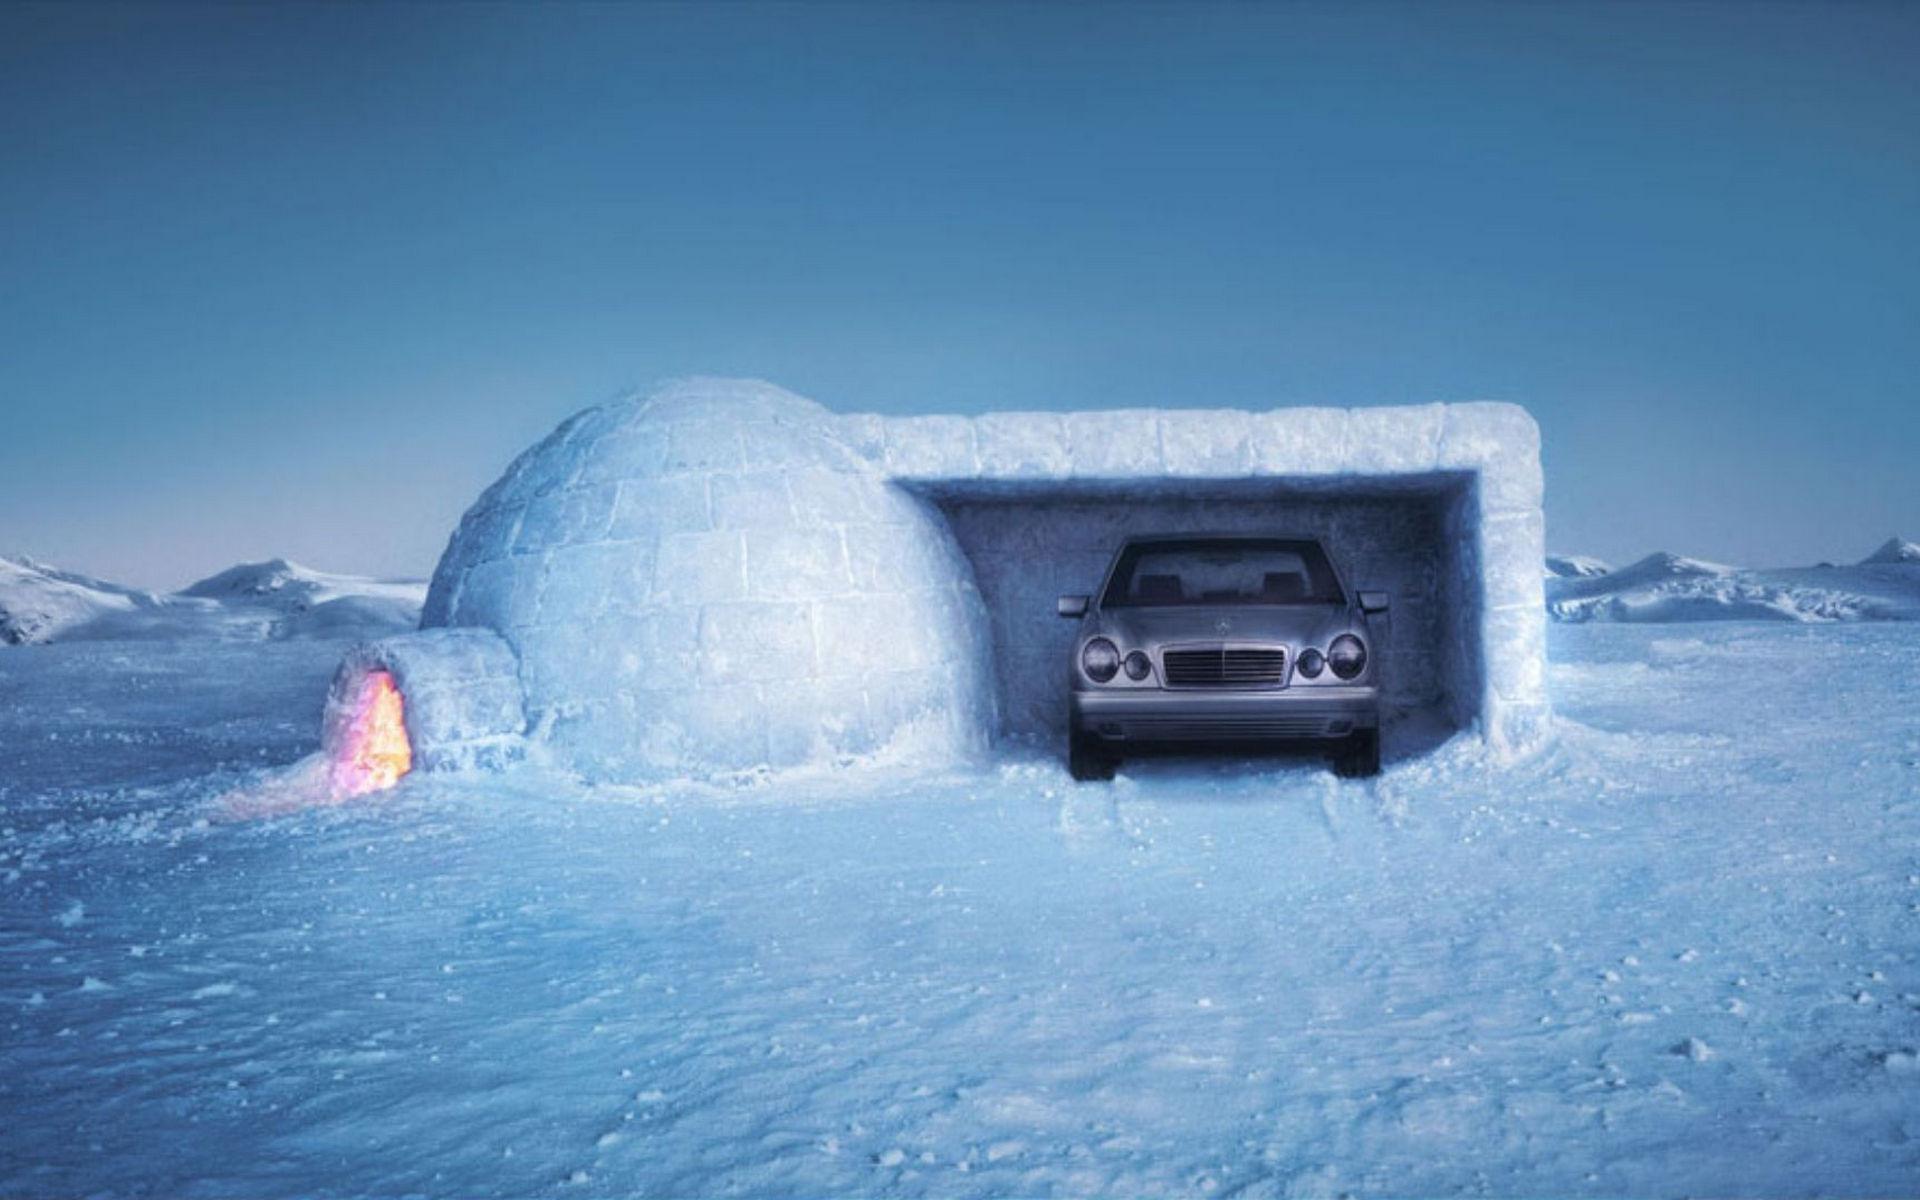 Обои жилище эскимосов, иглу, свет, гараж